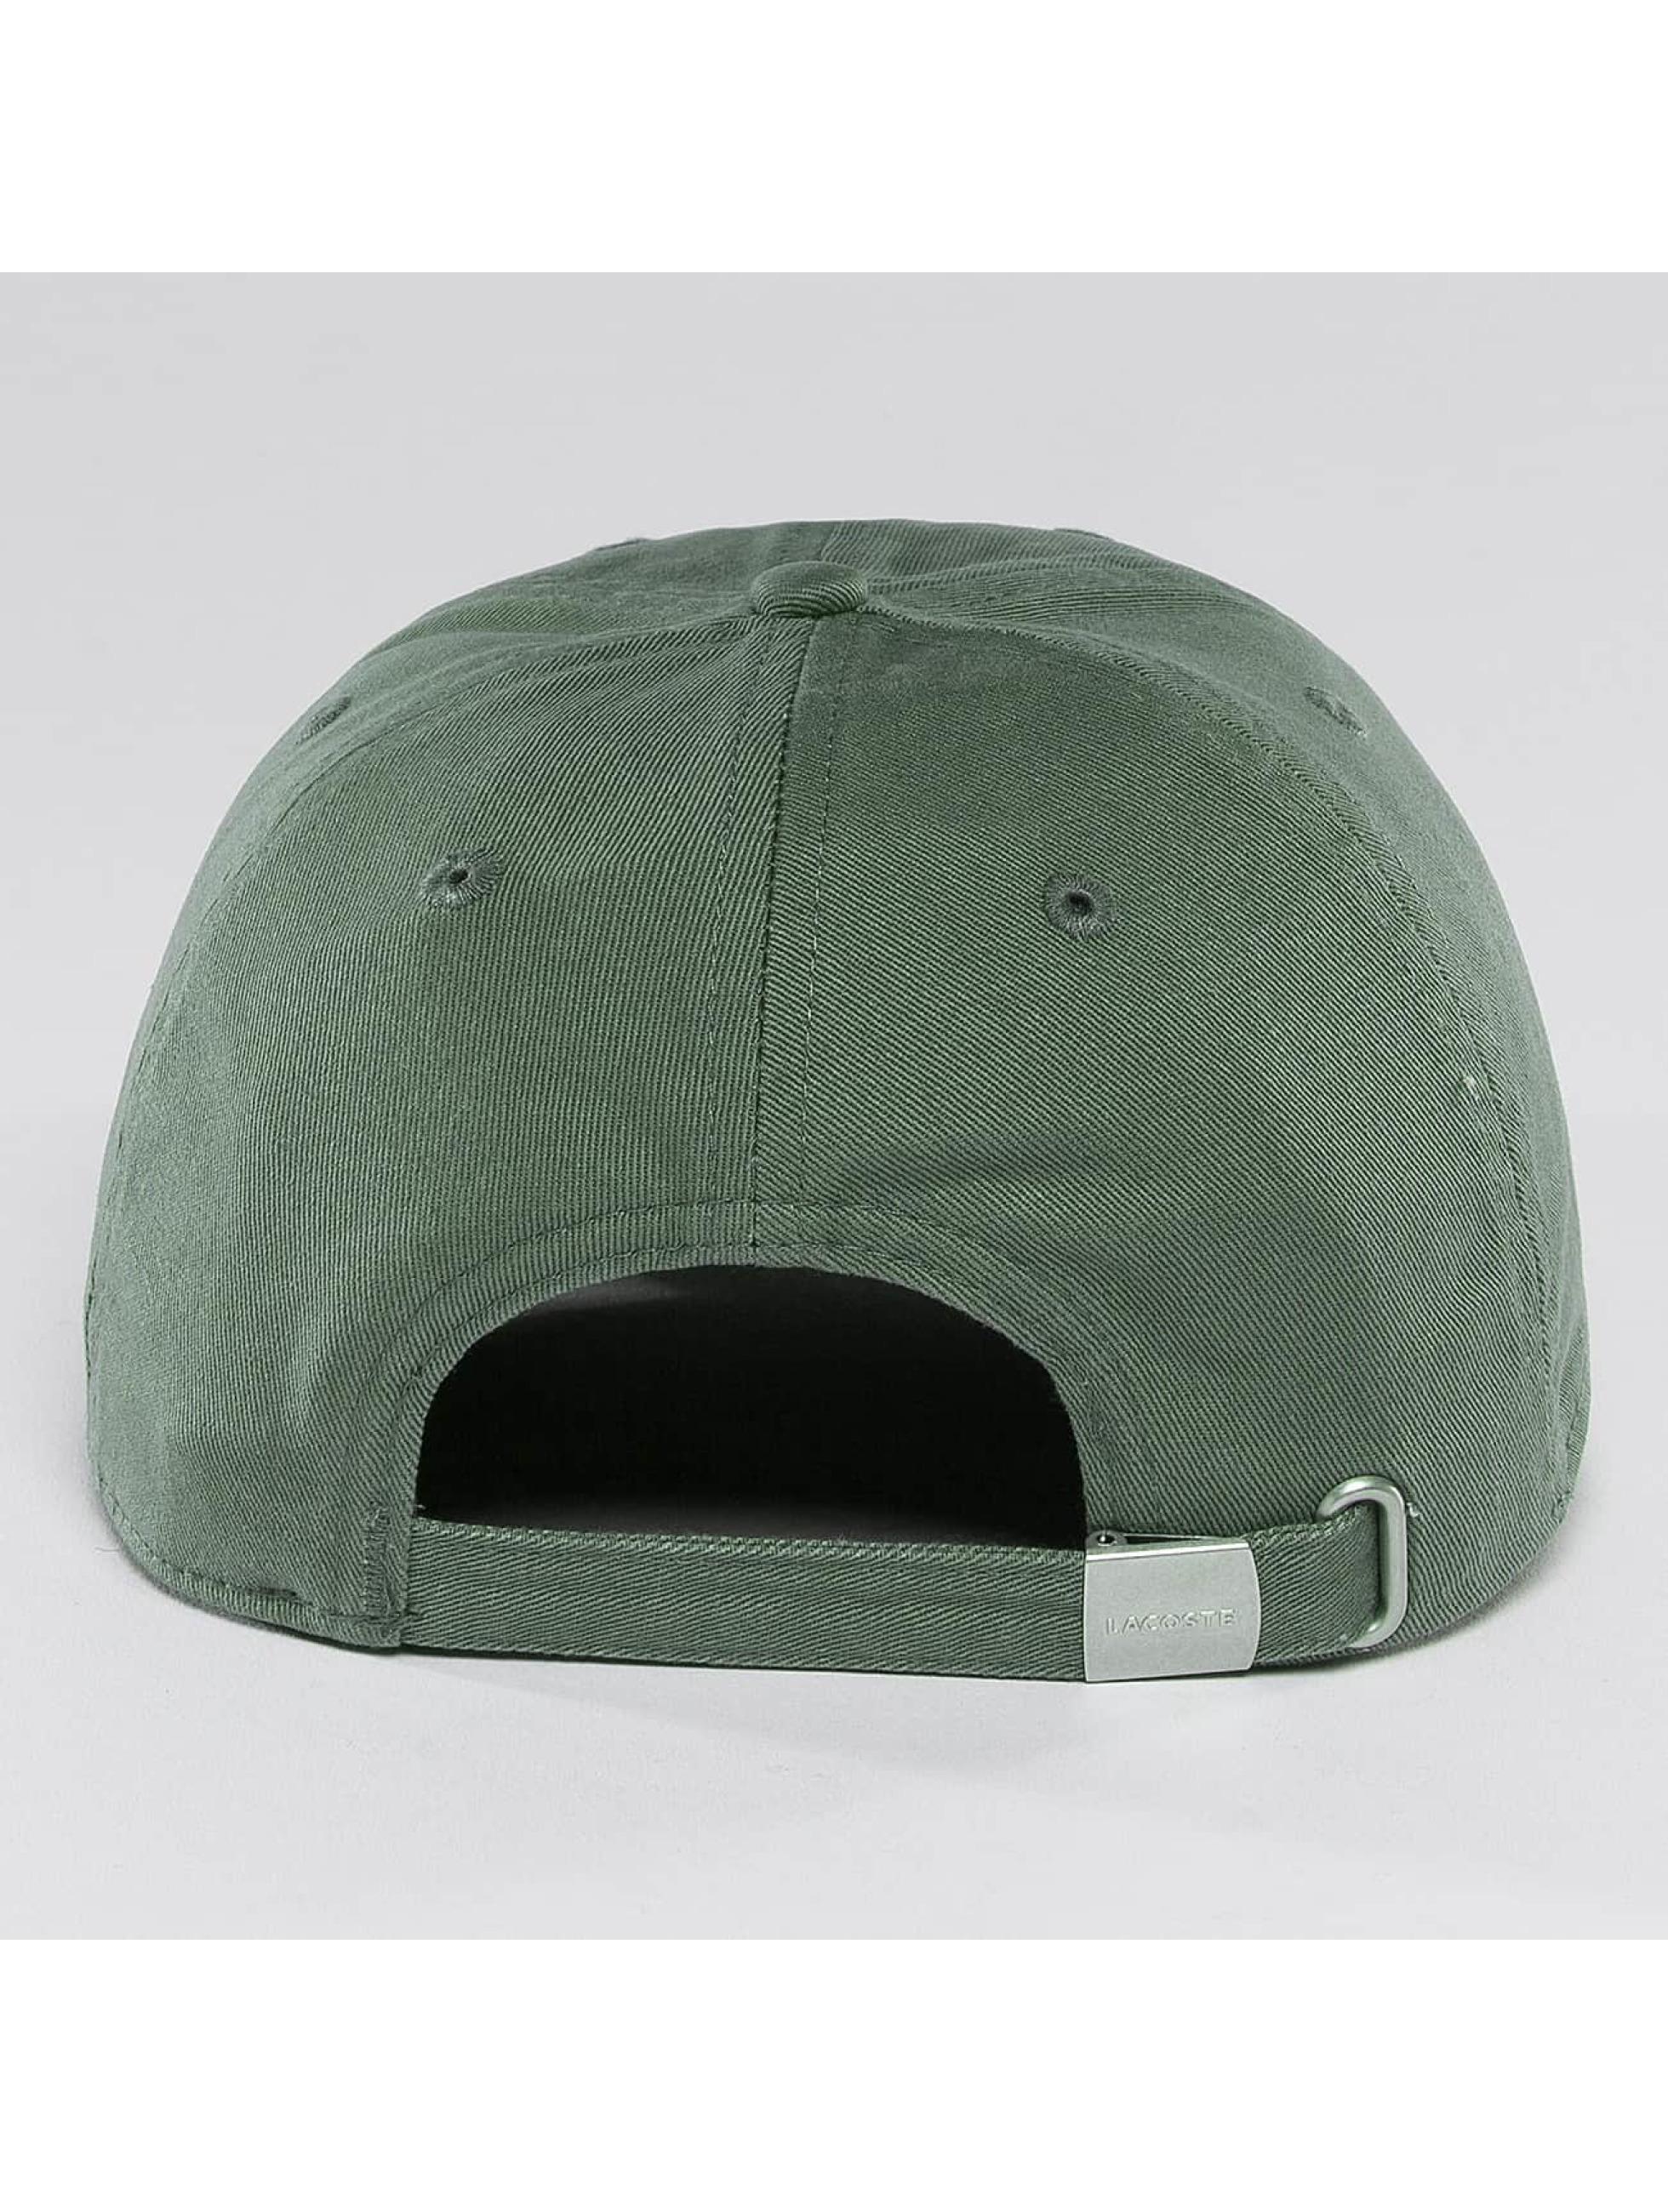 Lacoste Snapbackkeps Fairplay grön